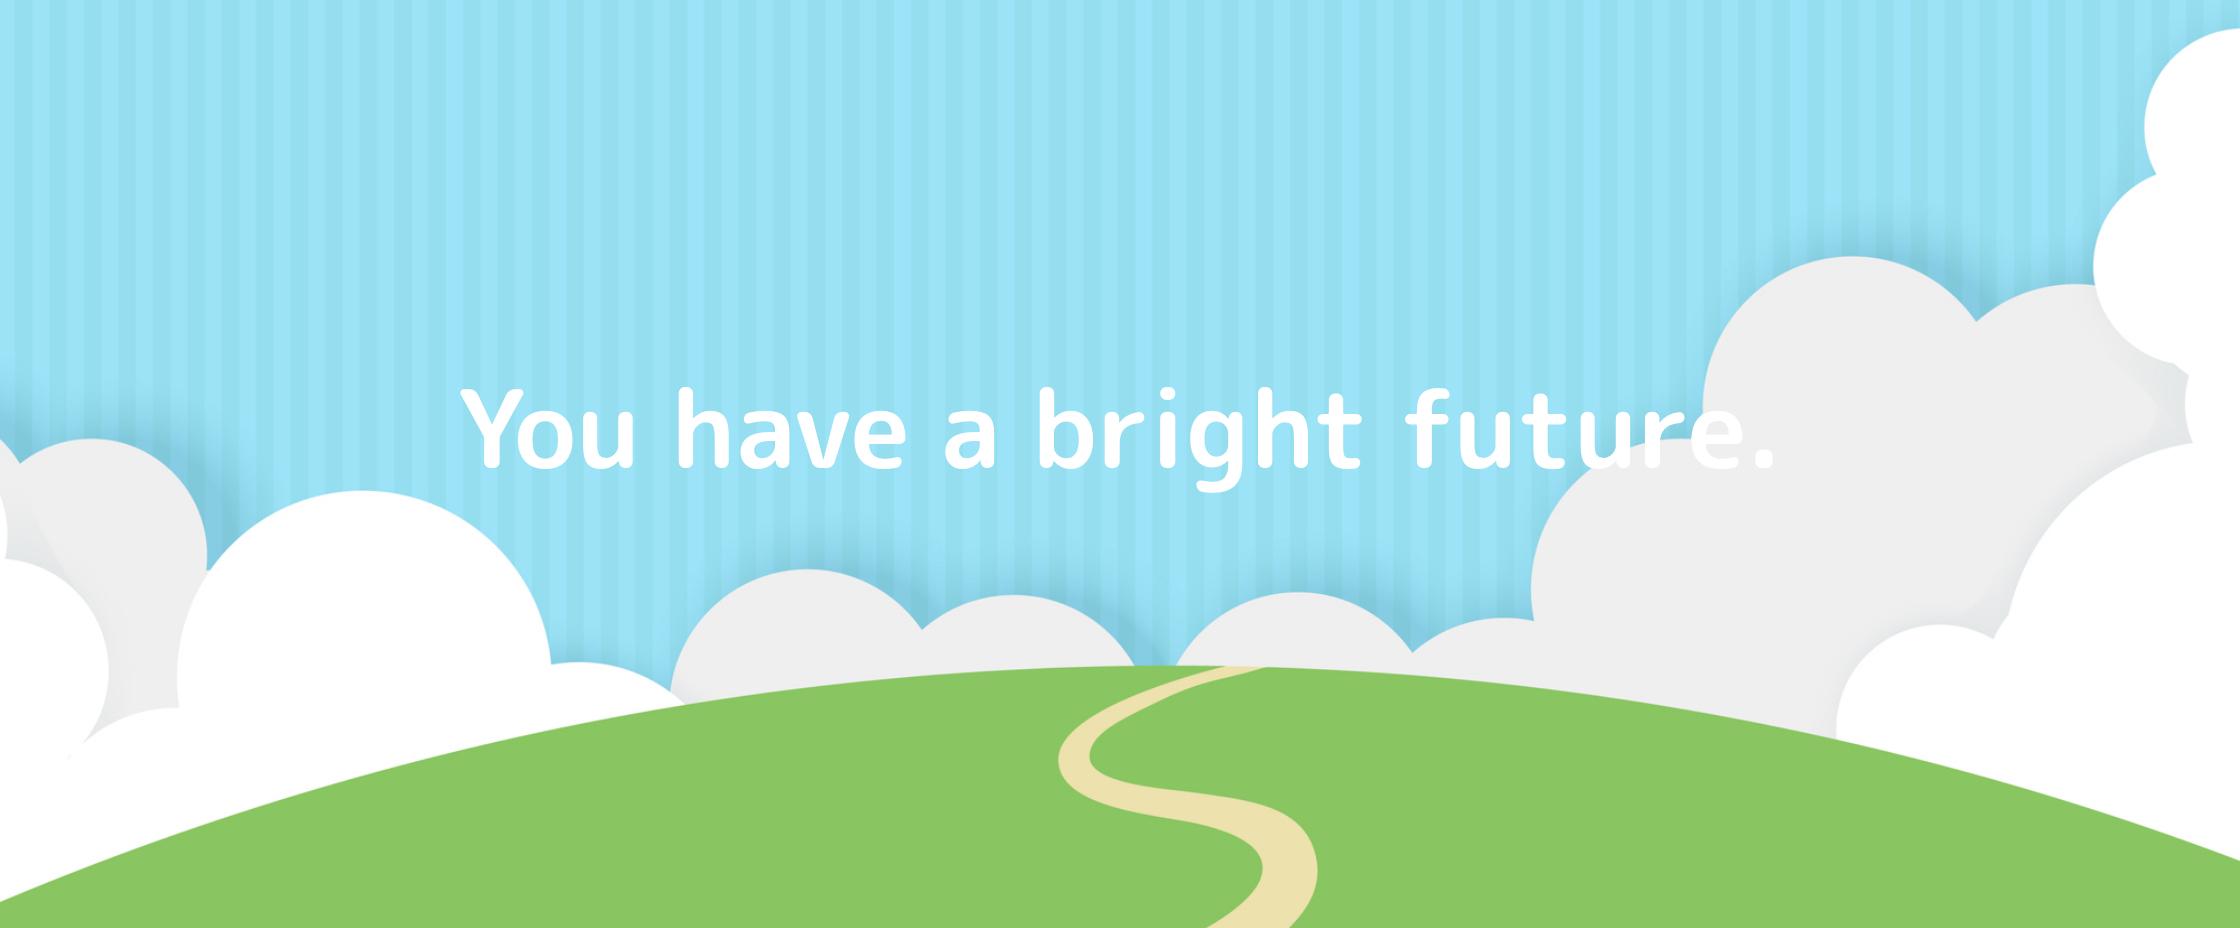 You have a bright future.